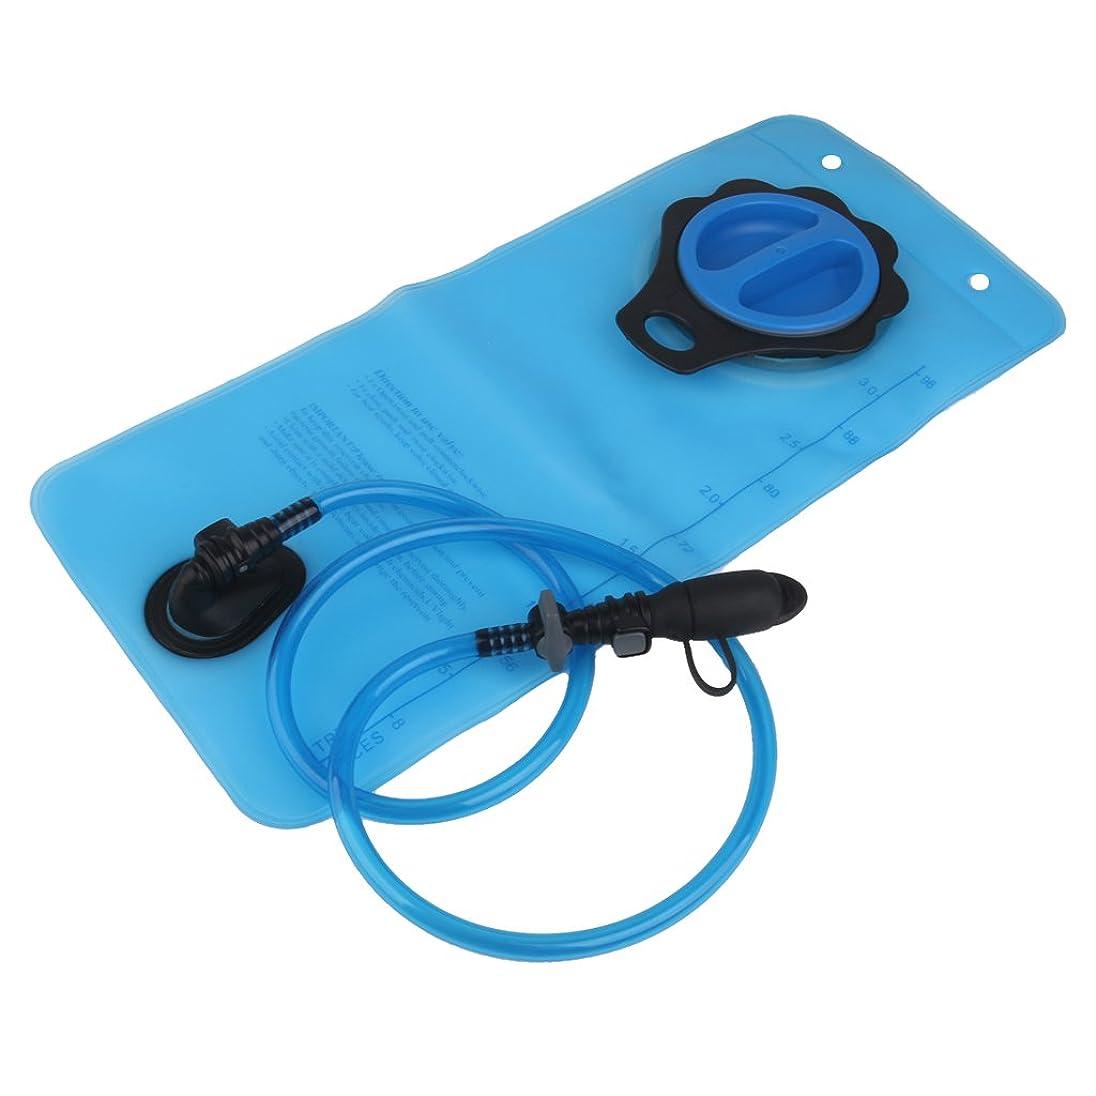 リズミカルな接続詞起こるBaoblaze 3L運動水袋 水バッグ サイクリング キャンプ ハイキング用 耐久性 長持ち